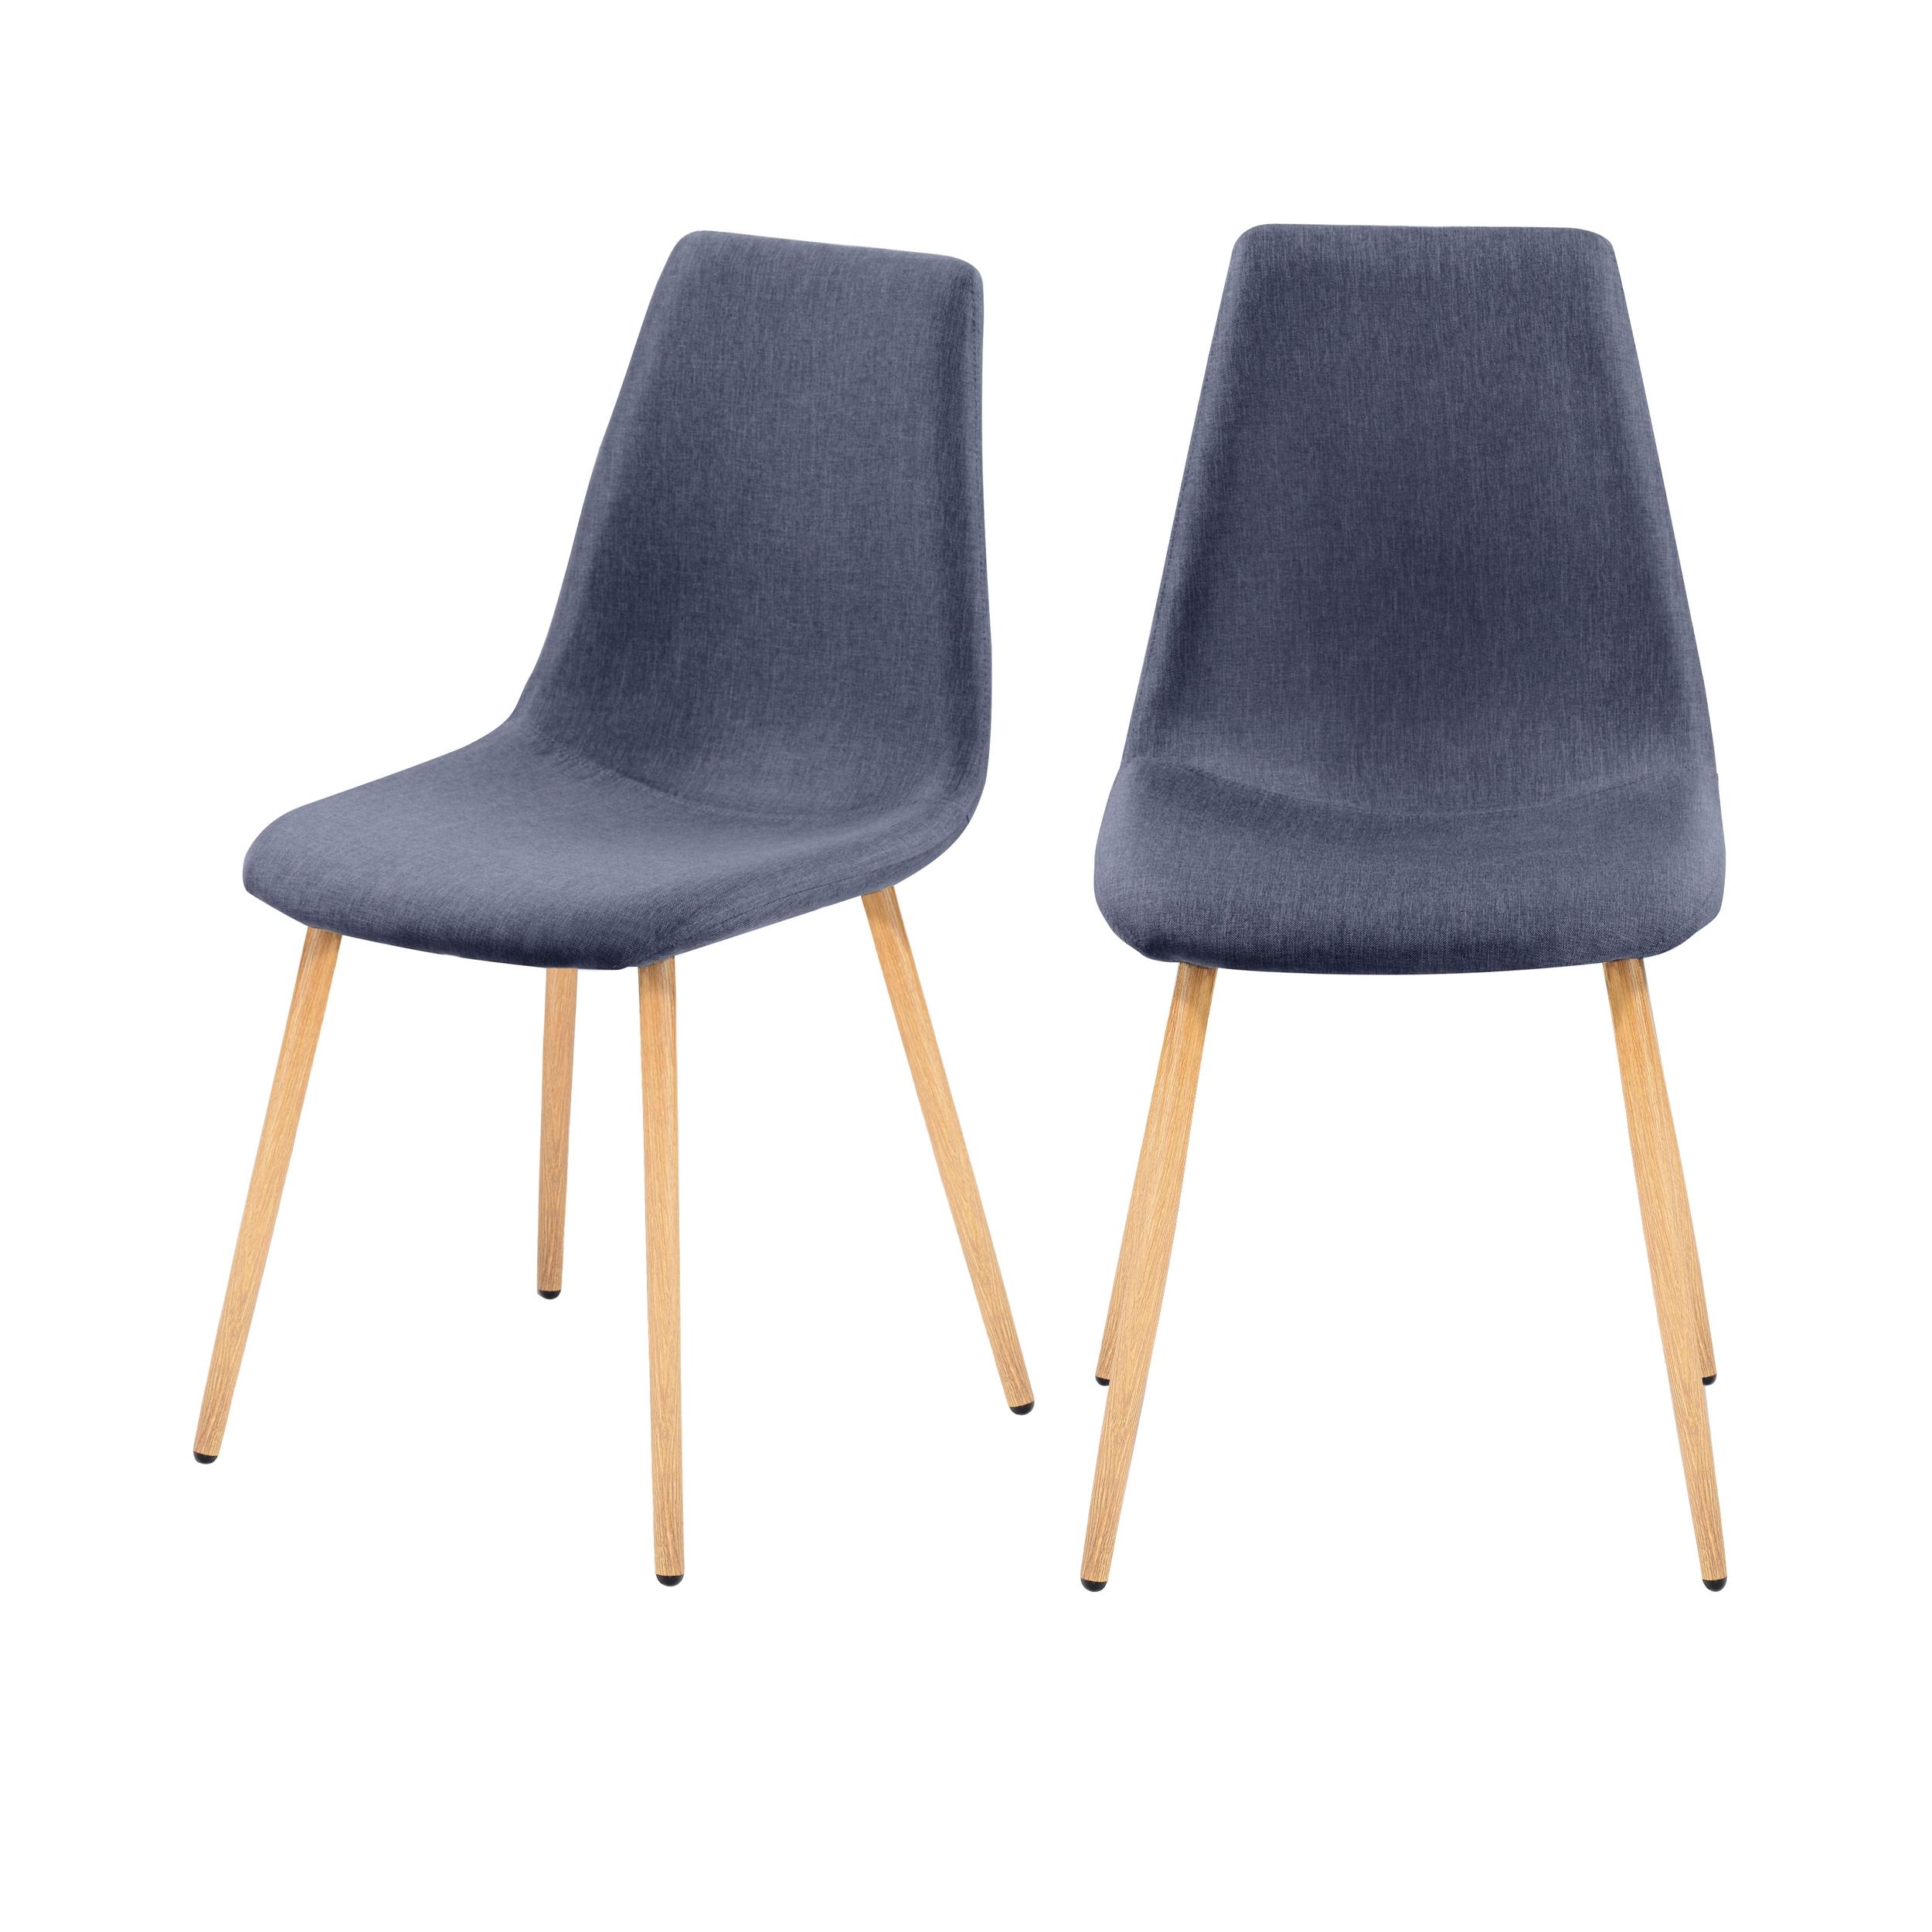 Chaise en tissu bleu gris (lot de 2)